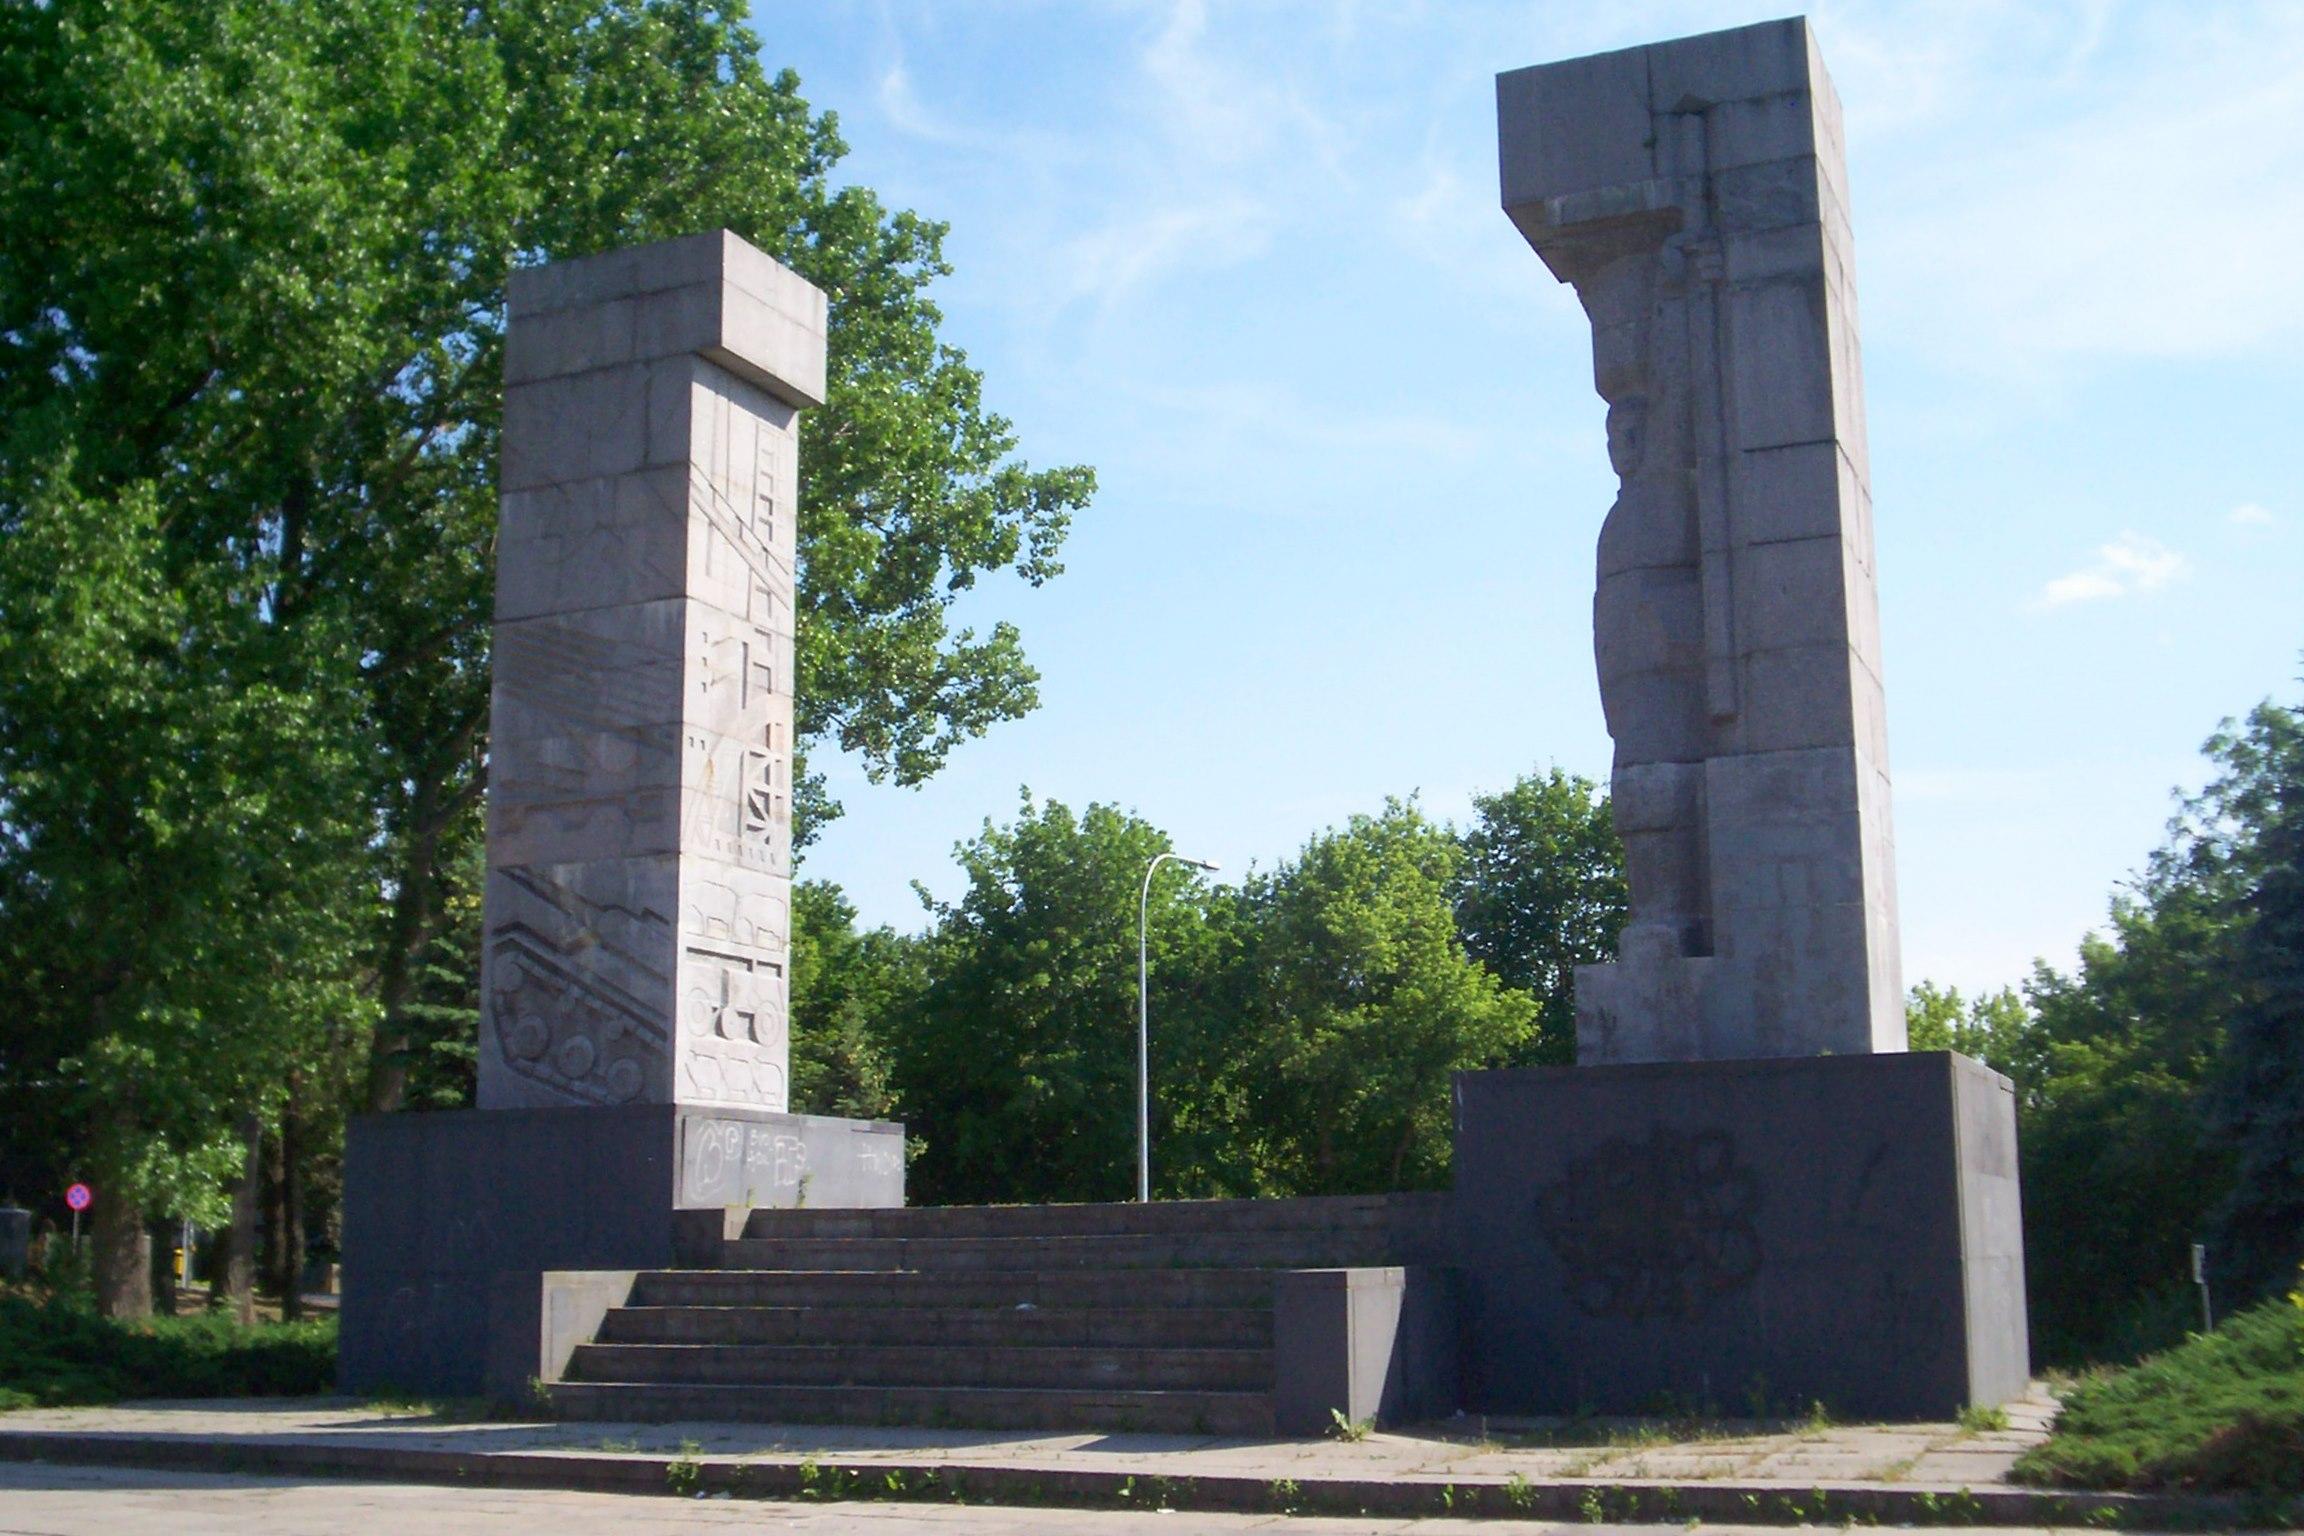 Pomnik Armii Czerwonej w Olsztynie